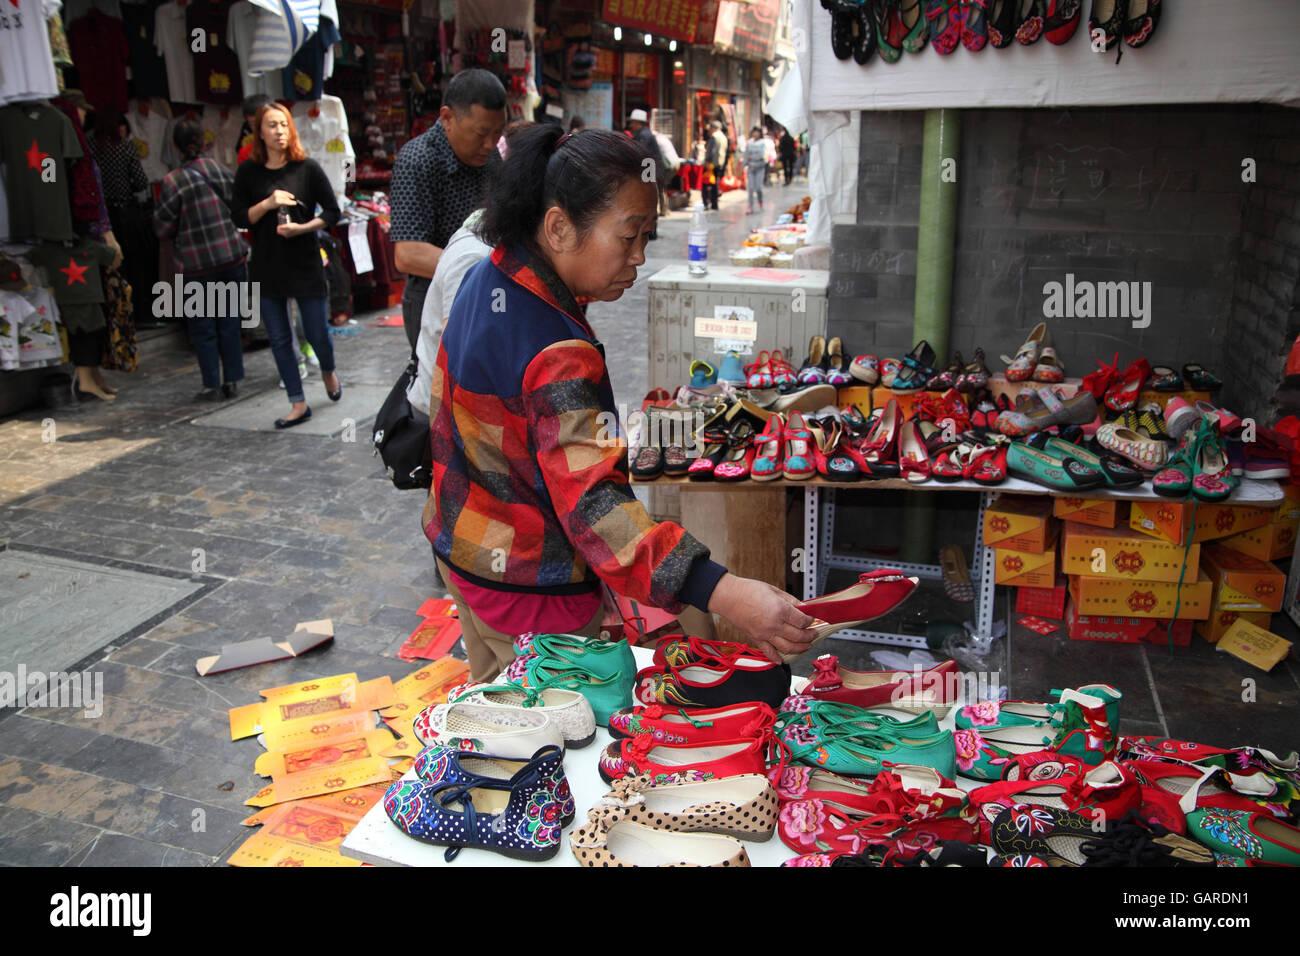 Eine Chinesin ist in einem offenen Markt betrachtet man billige Schuhe, die sie kaufen kann. Qibao Old Street. Peking, Stockbild